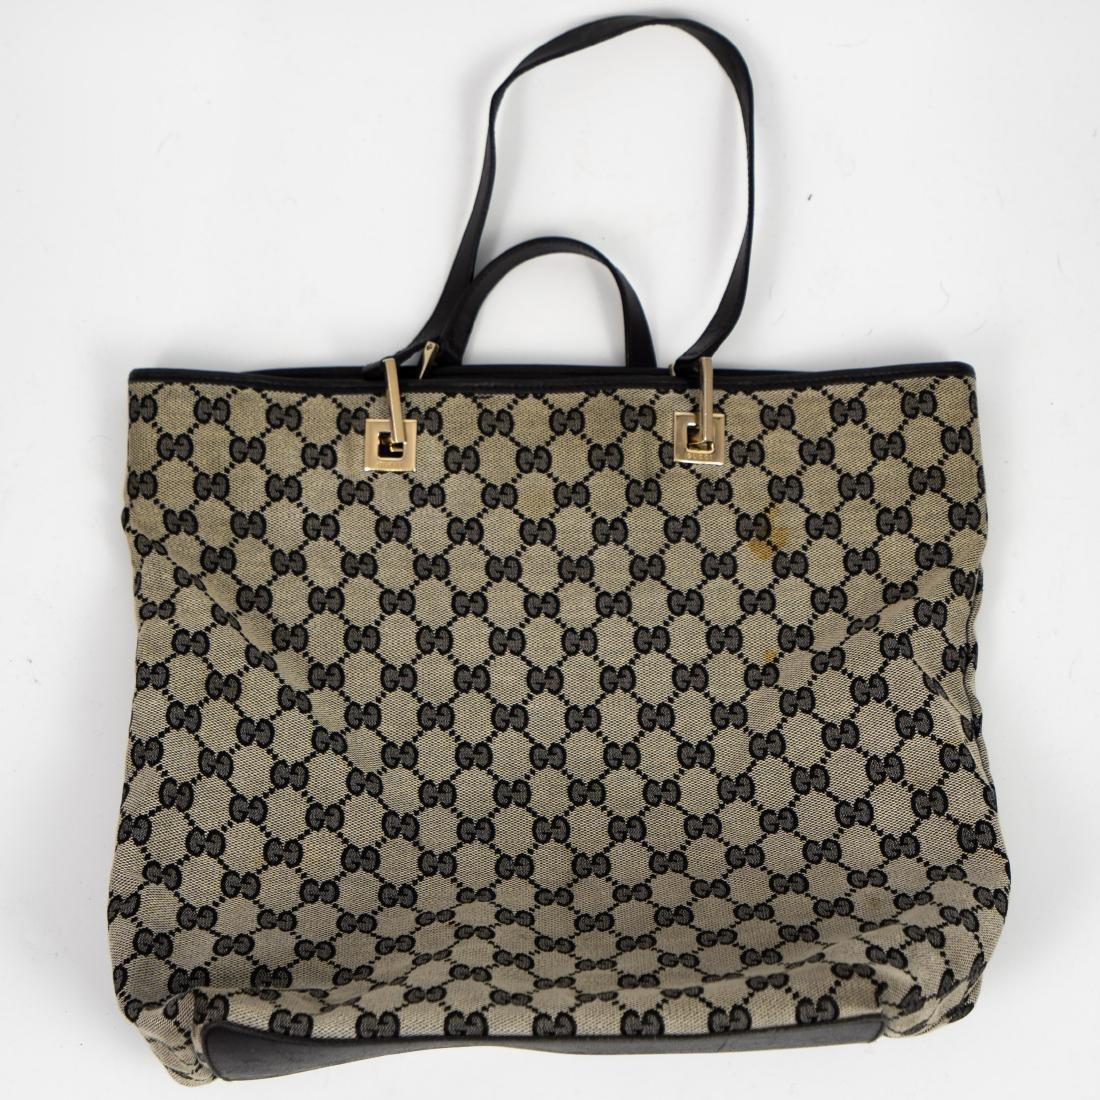 51e5da87c0f9 Vintage Gucci Canvas Tote Bag